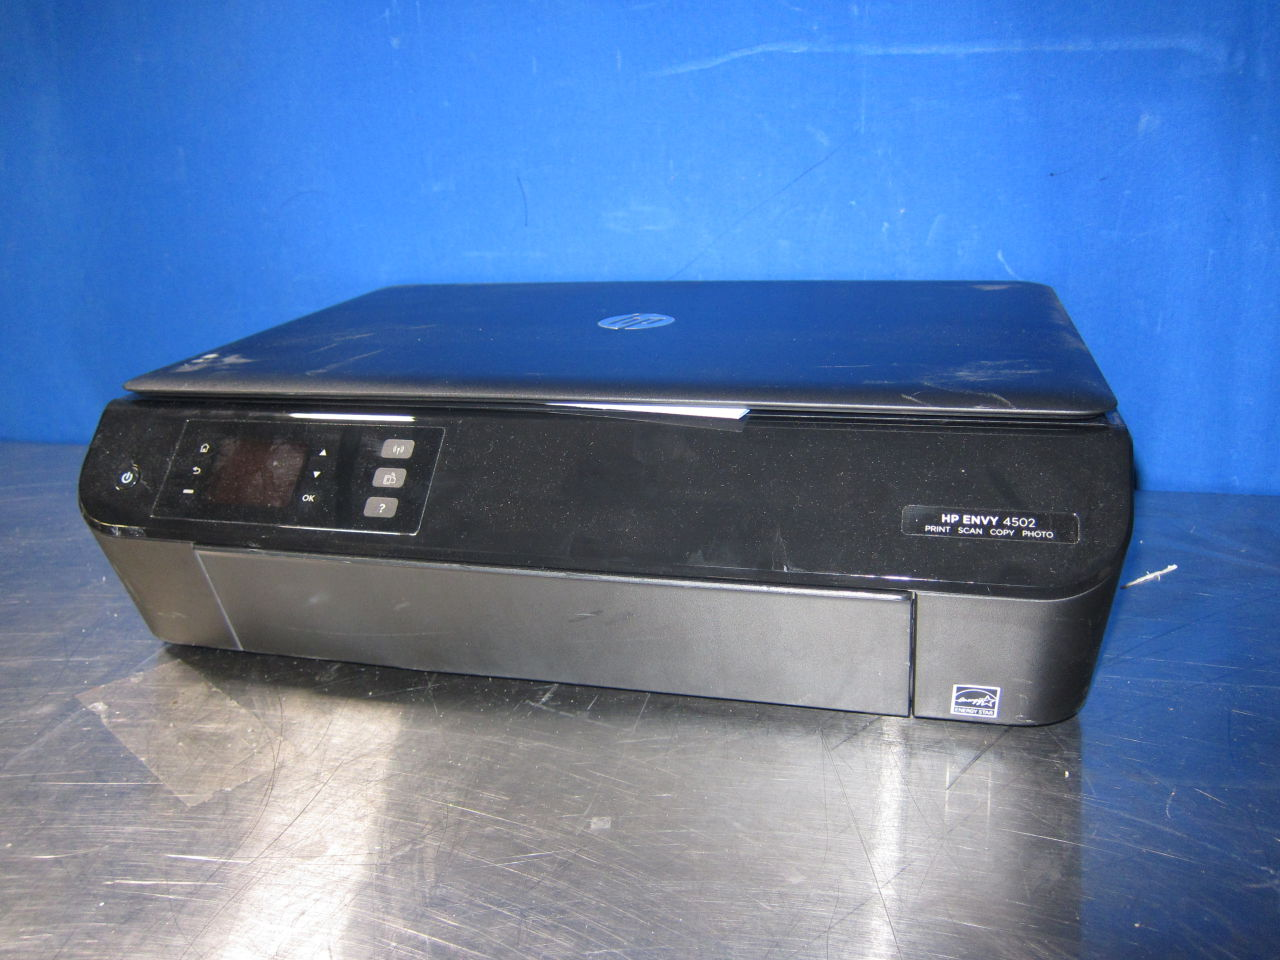 HEWLETT PACKARD SDG0B-1301 Printer